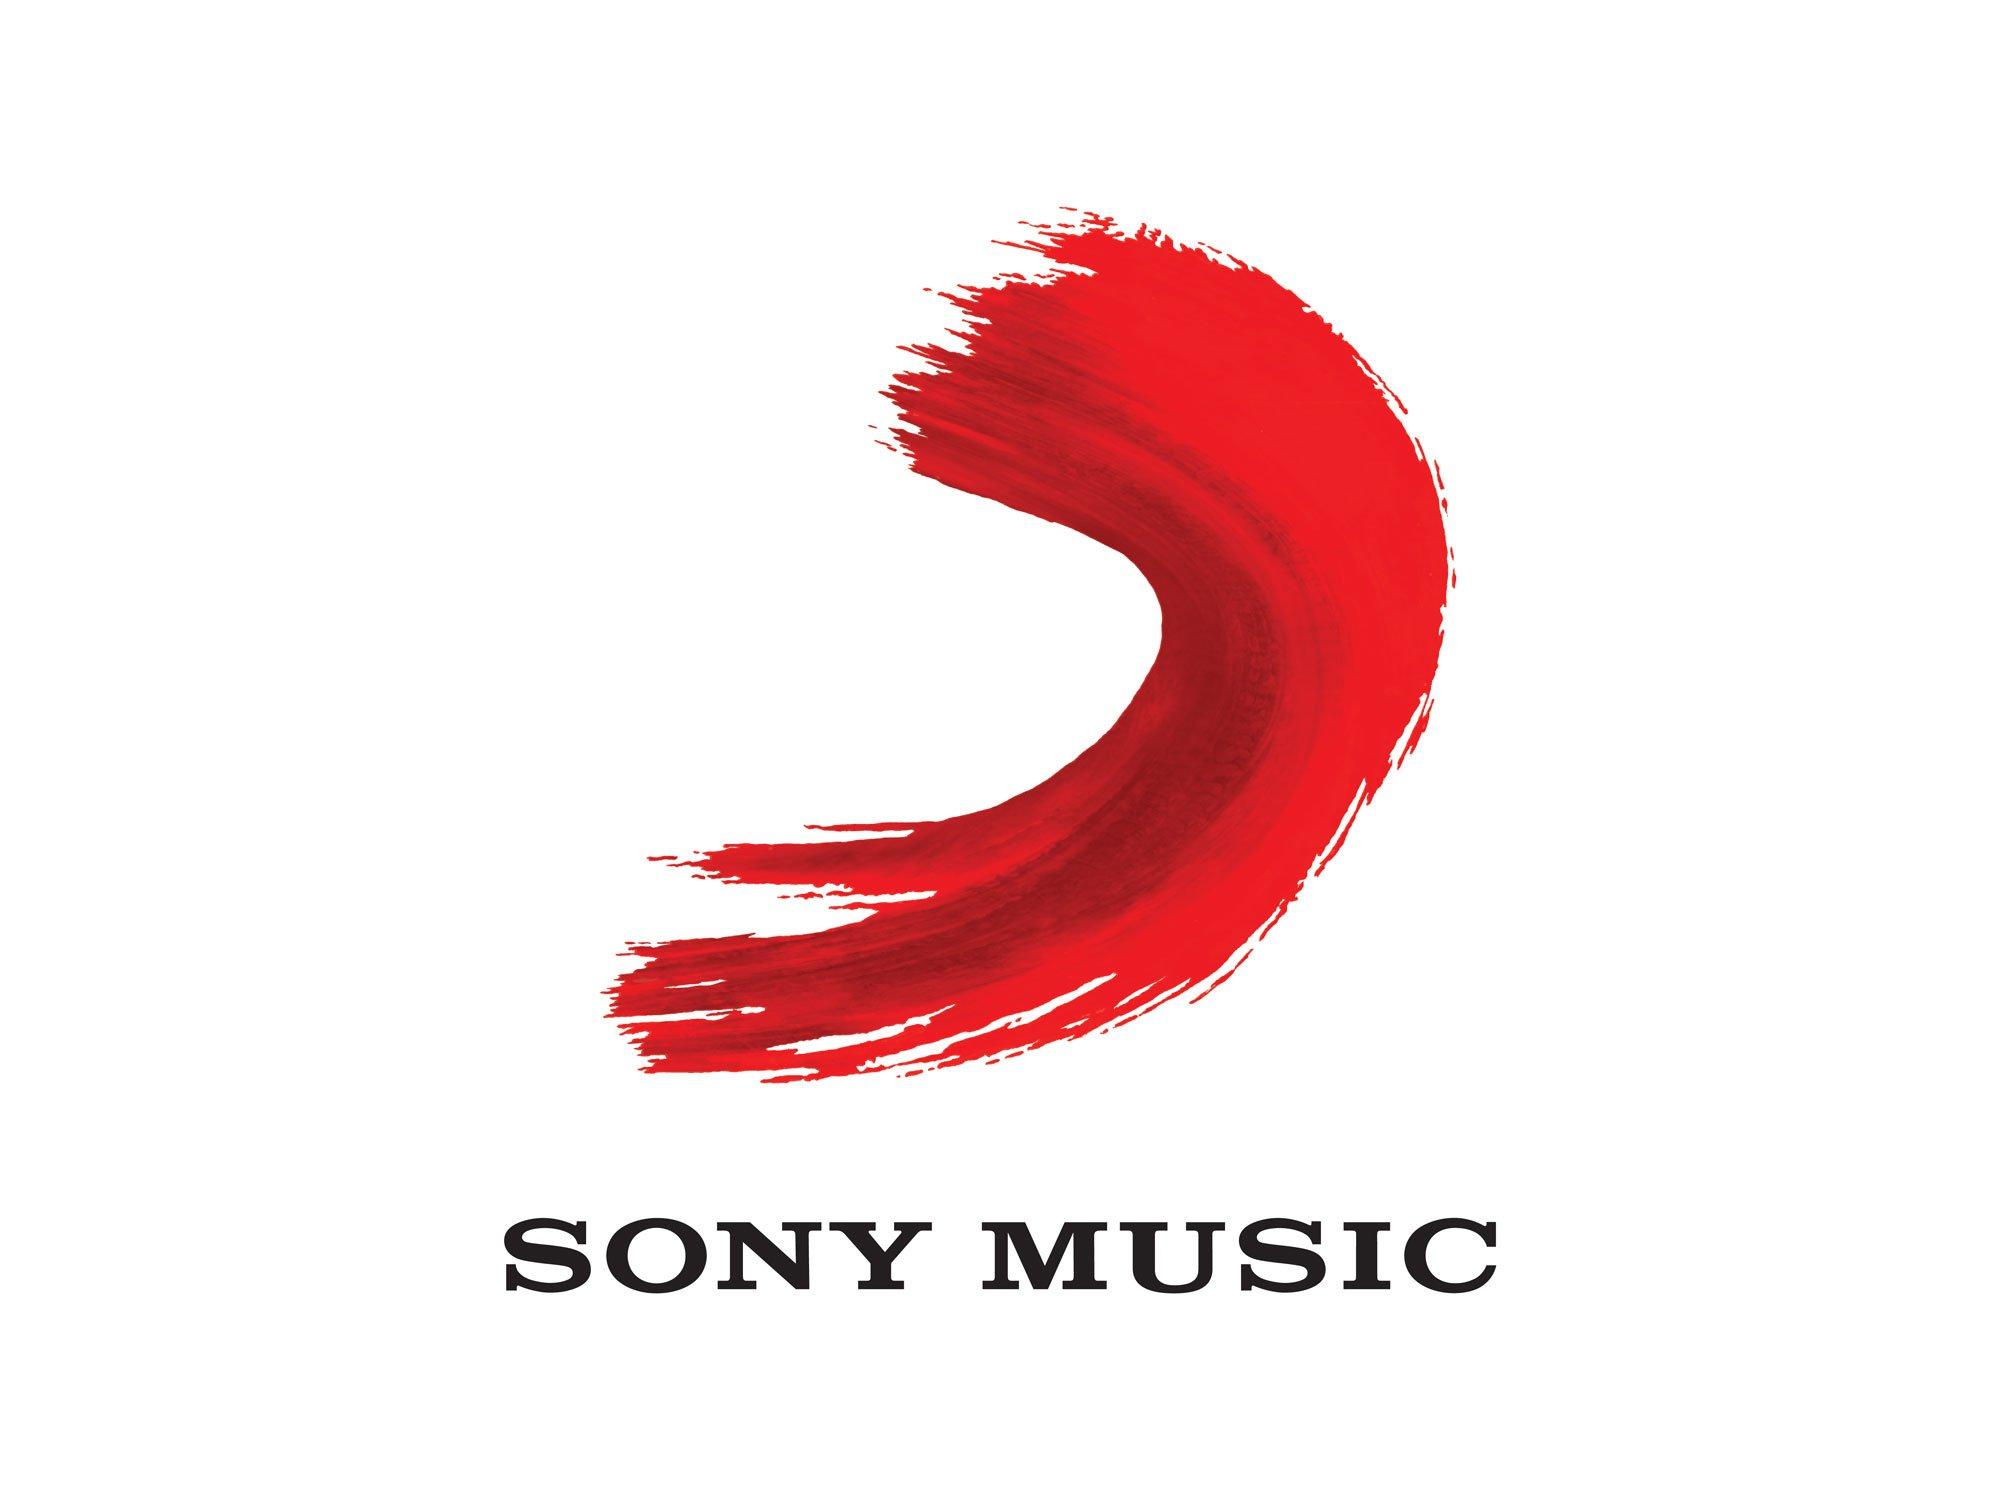 H Sony Music ακυρώνει τα χρέη των καλλιτεχνών της